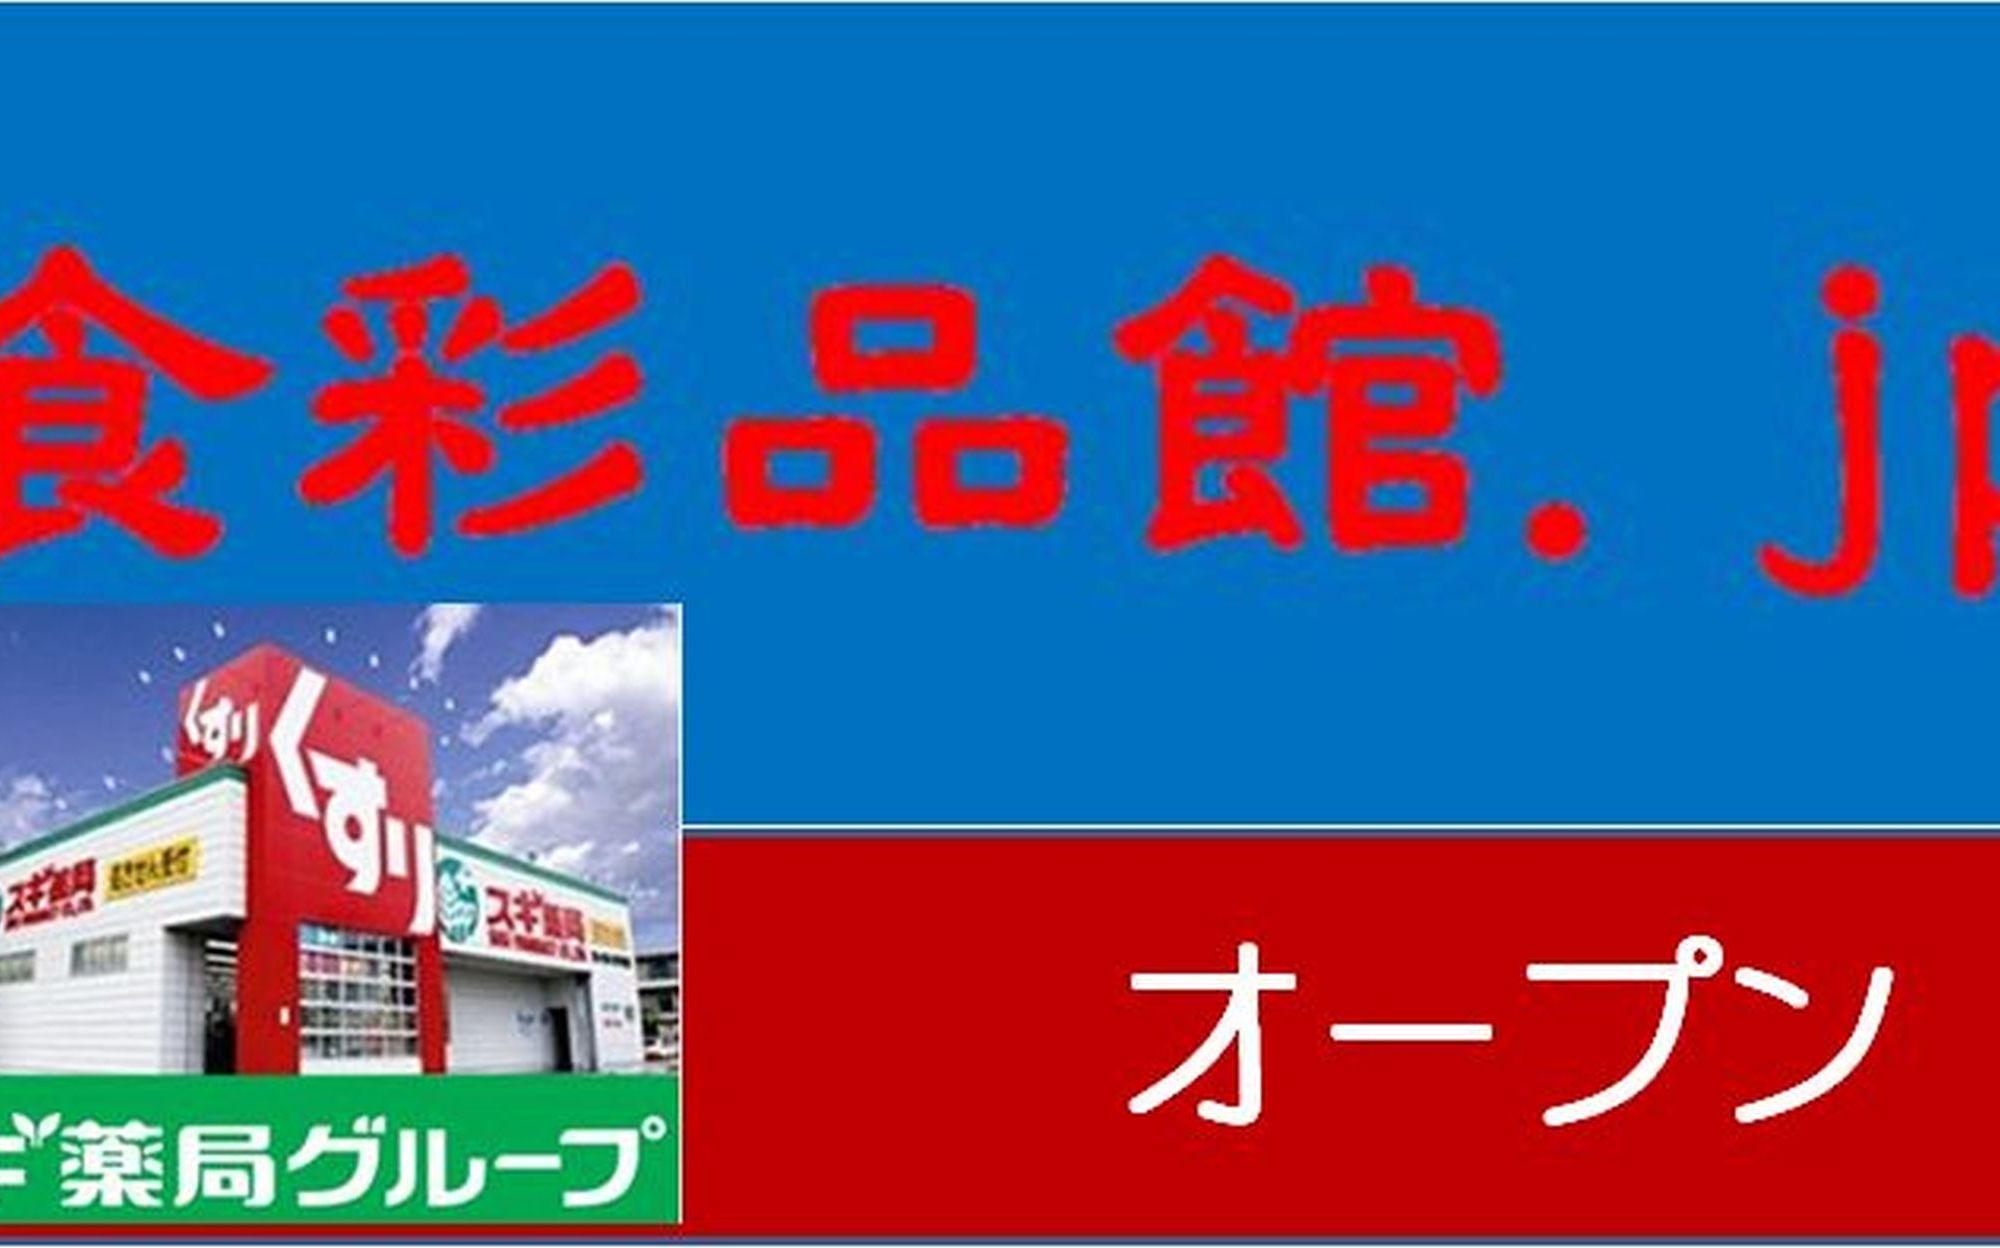 スギ薬局杉並和田店,スギドラッグ杉並和田店,スギ薬局調剤杉並和田店(東京都杉並区)2020年9月24日オープン。調剤薬局は10月12日オープン